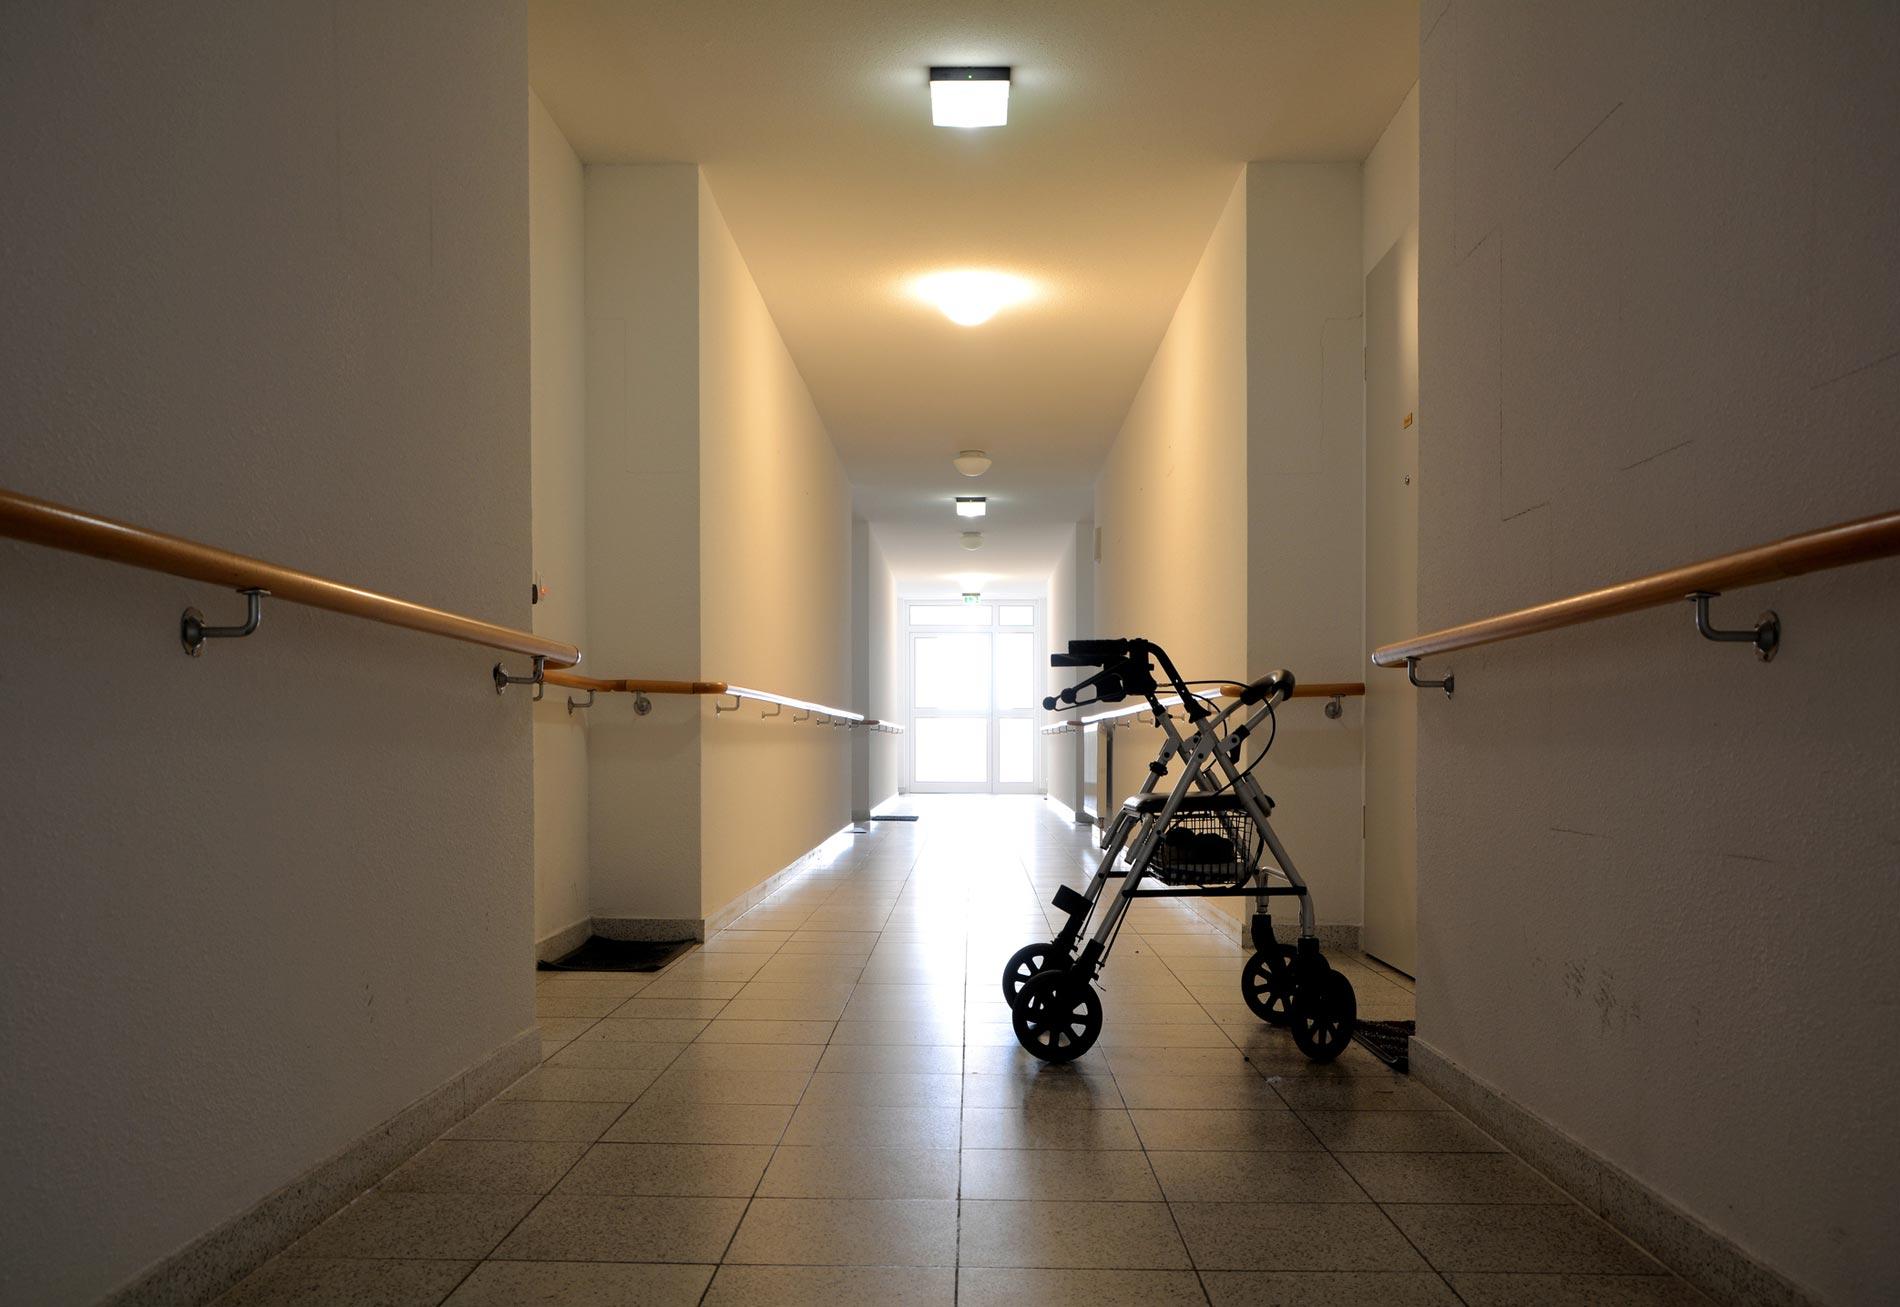 Walker in a hallway in nursing home.